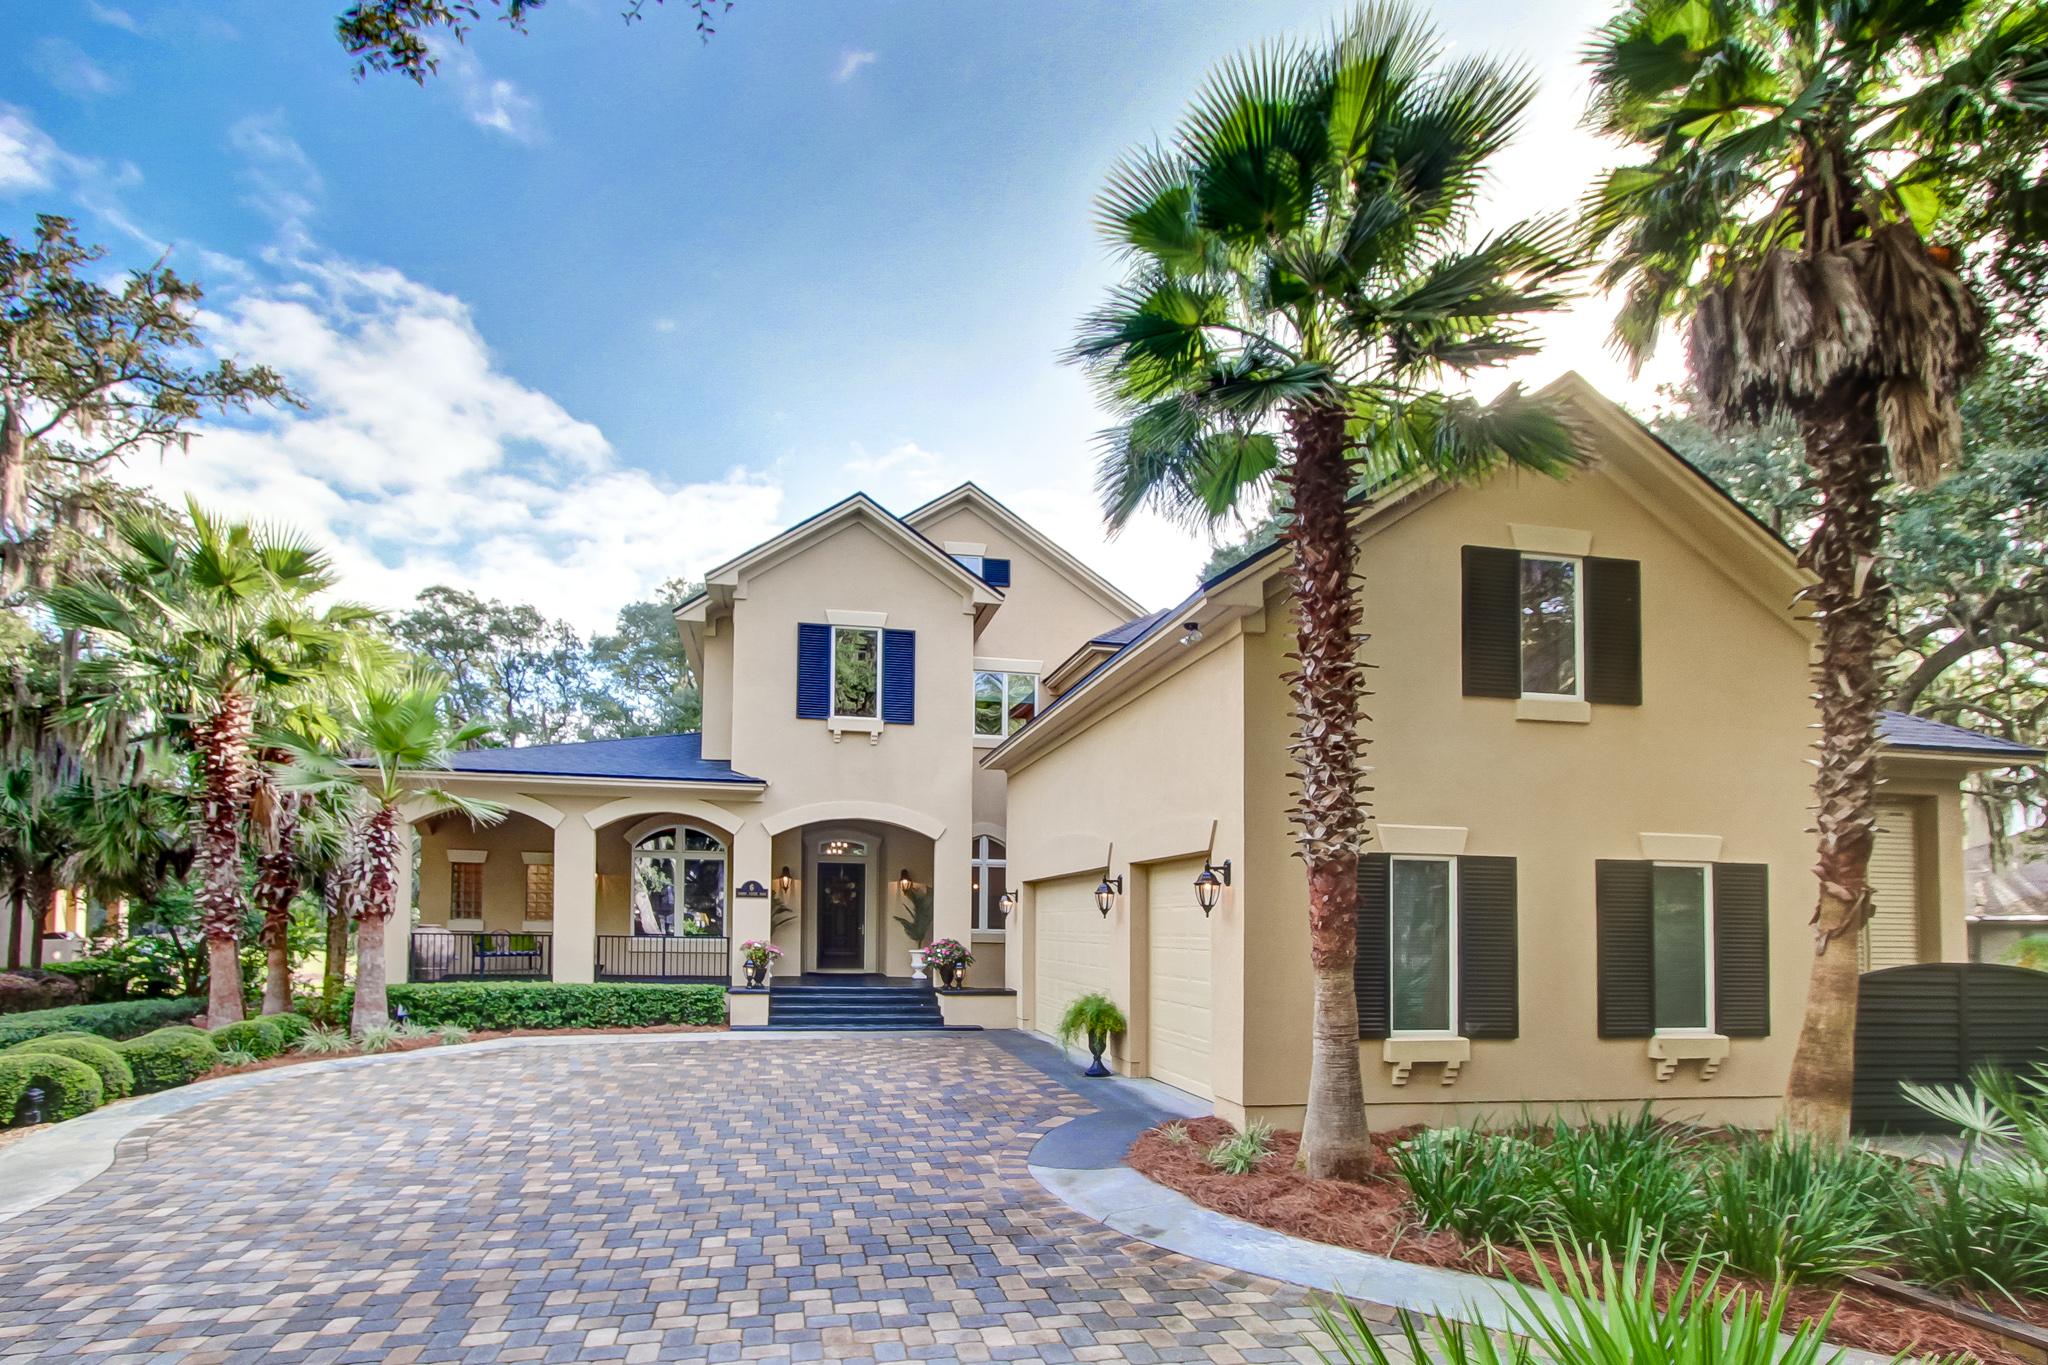 Частный односемейный дом для того Продажа на Exceptional Fairway Views from Custom Built Home 6 Marsh Creek Road Amelia Island, Флорида 32034 Соединенные Штаты